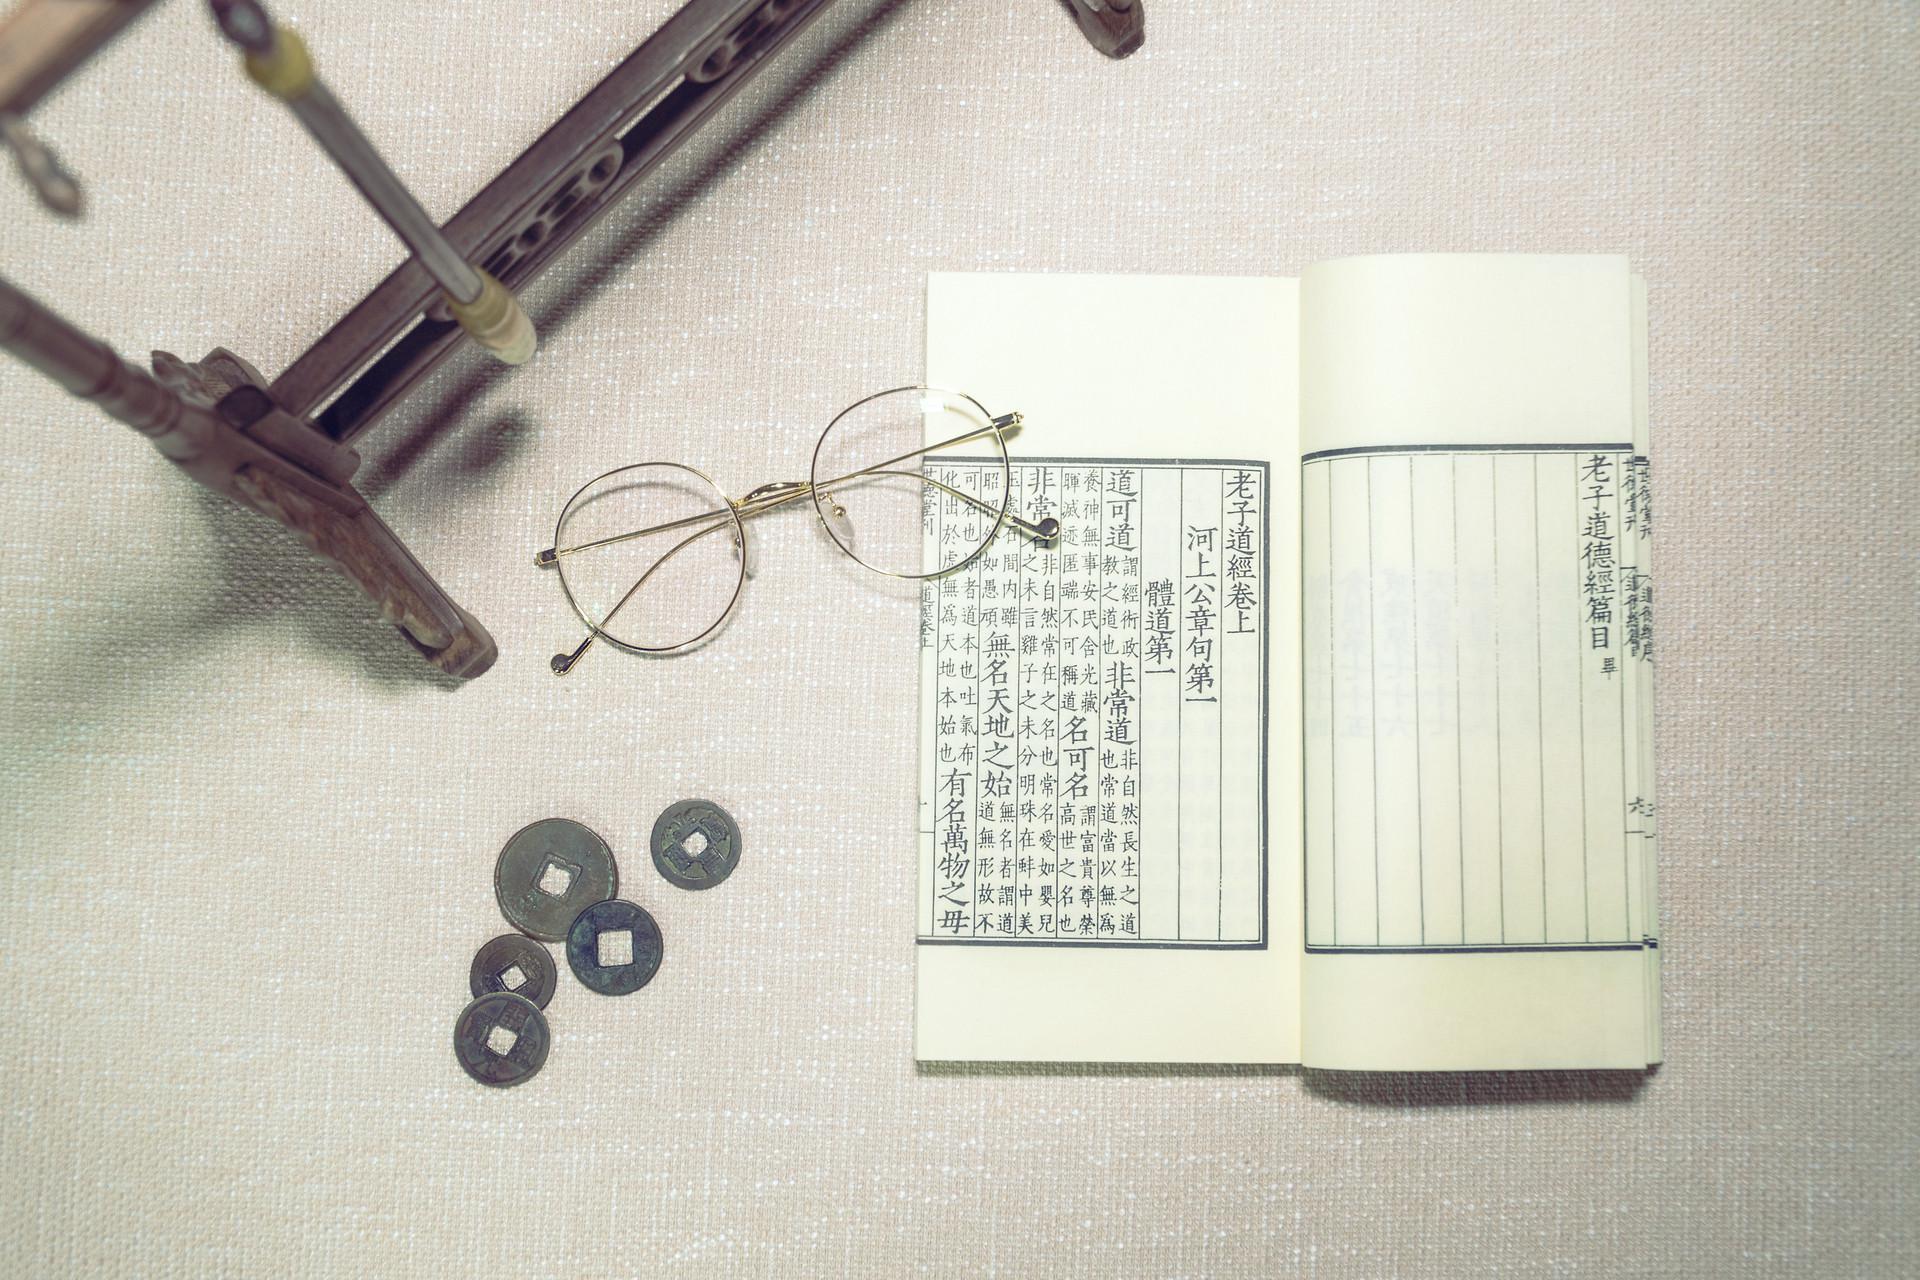 中国语言文学类专业招生计划分析,热度上升,三个地区招生占比高